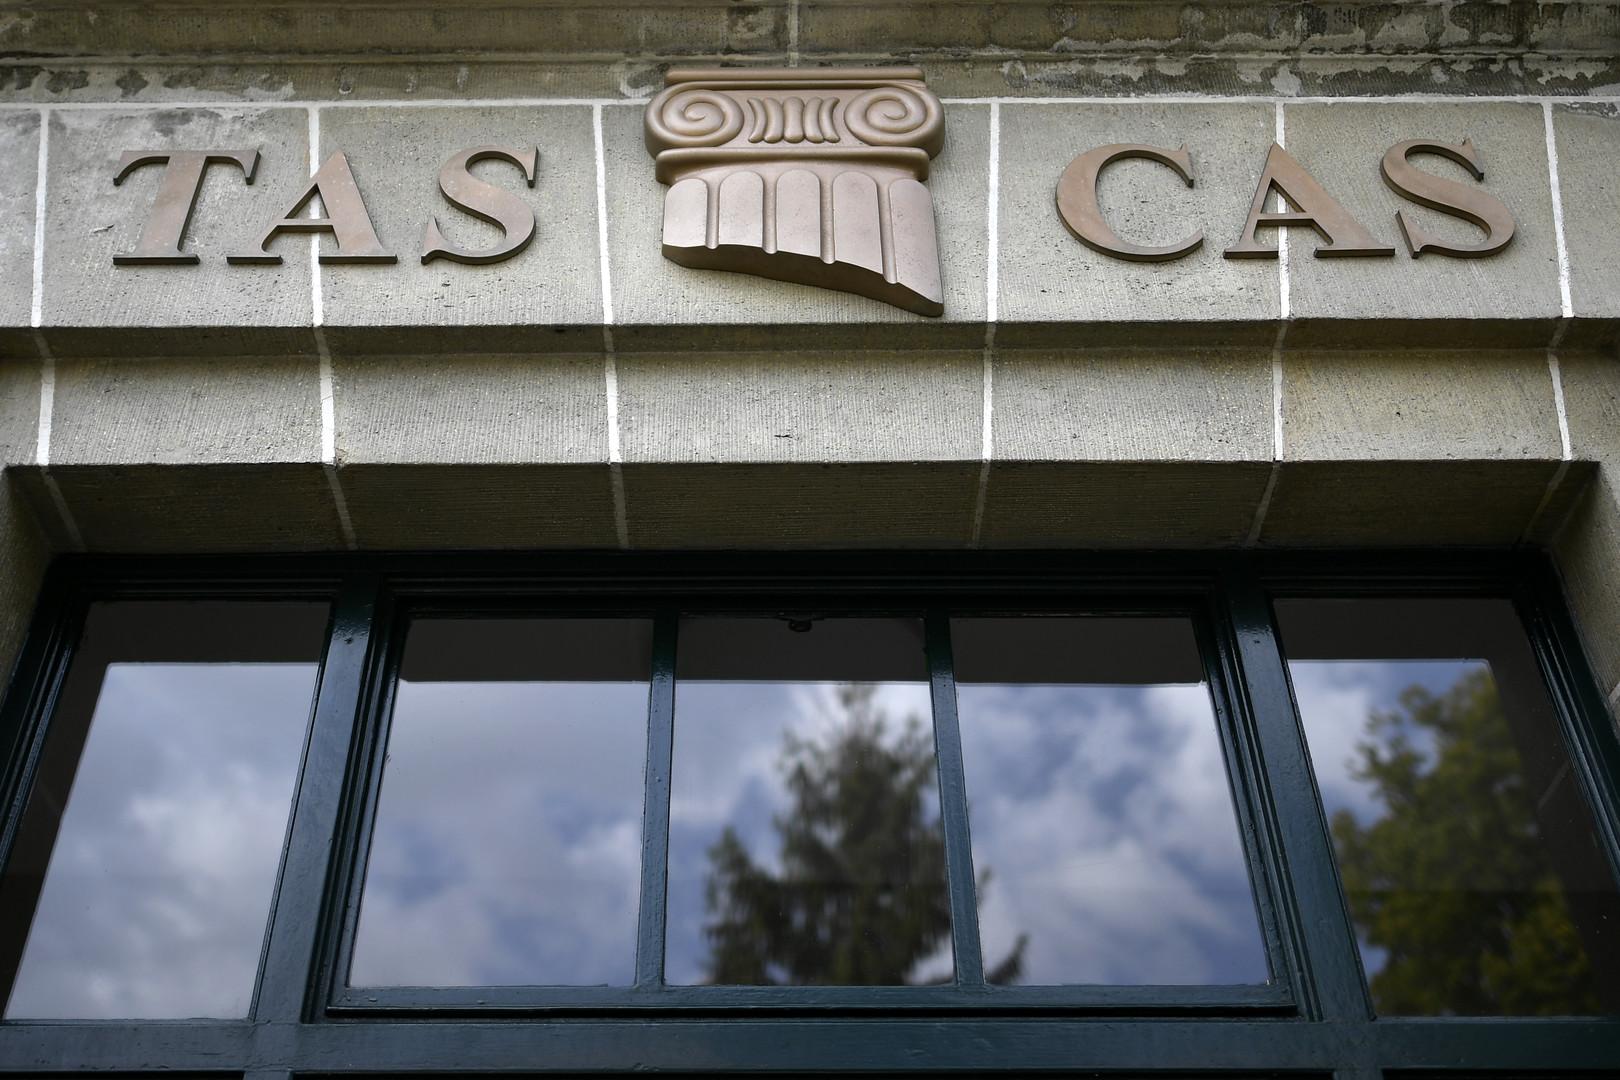 ПКР: Решение CAS о недопуске россиян на Паралимпиаду в Рио распространяется на игры-2018